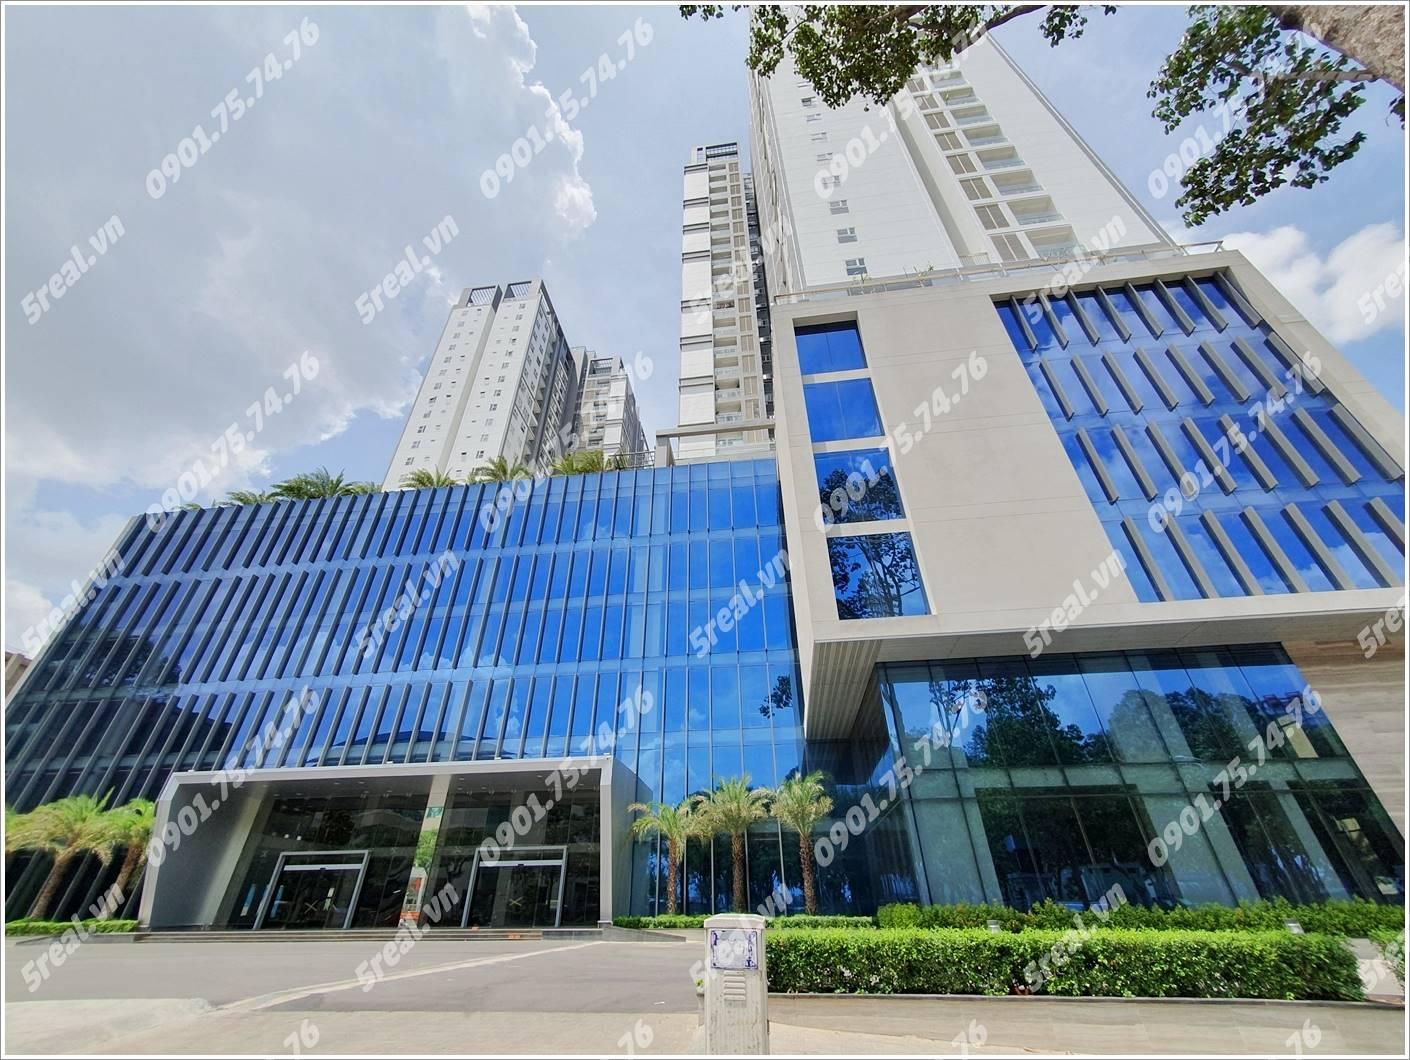 xi-grant-court-ly-thuong-kiet-quan-10-van-phong-cho-thue-tphcm-5real.vn-01